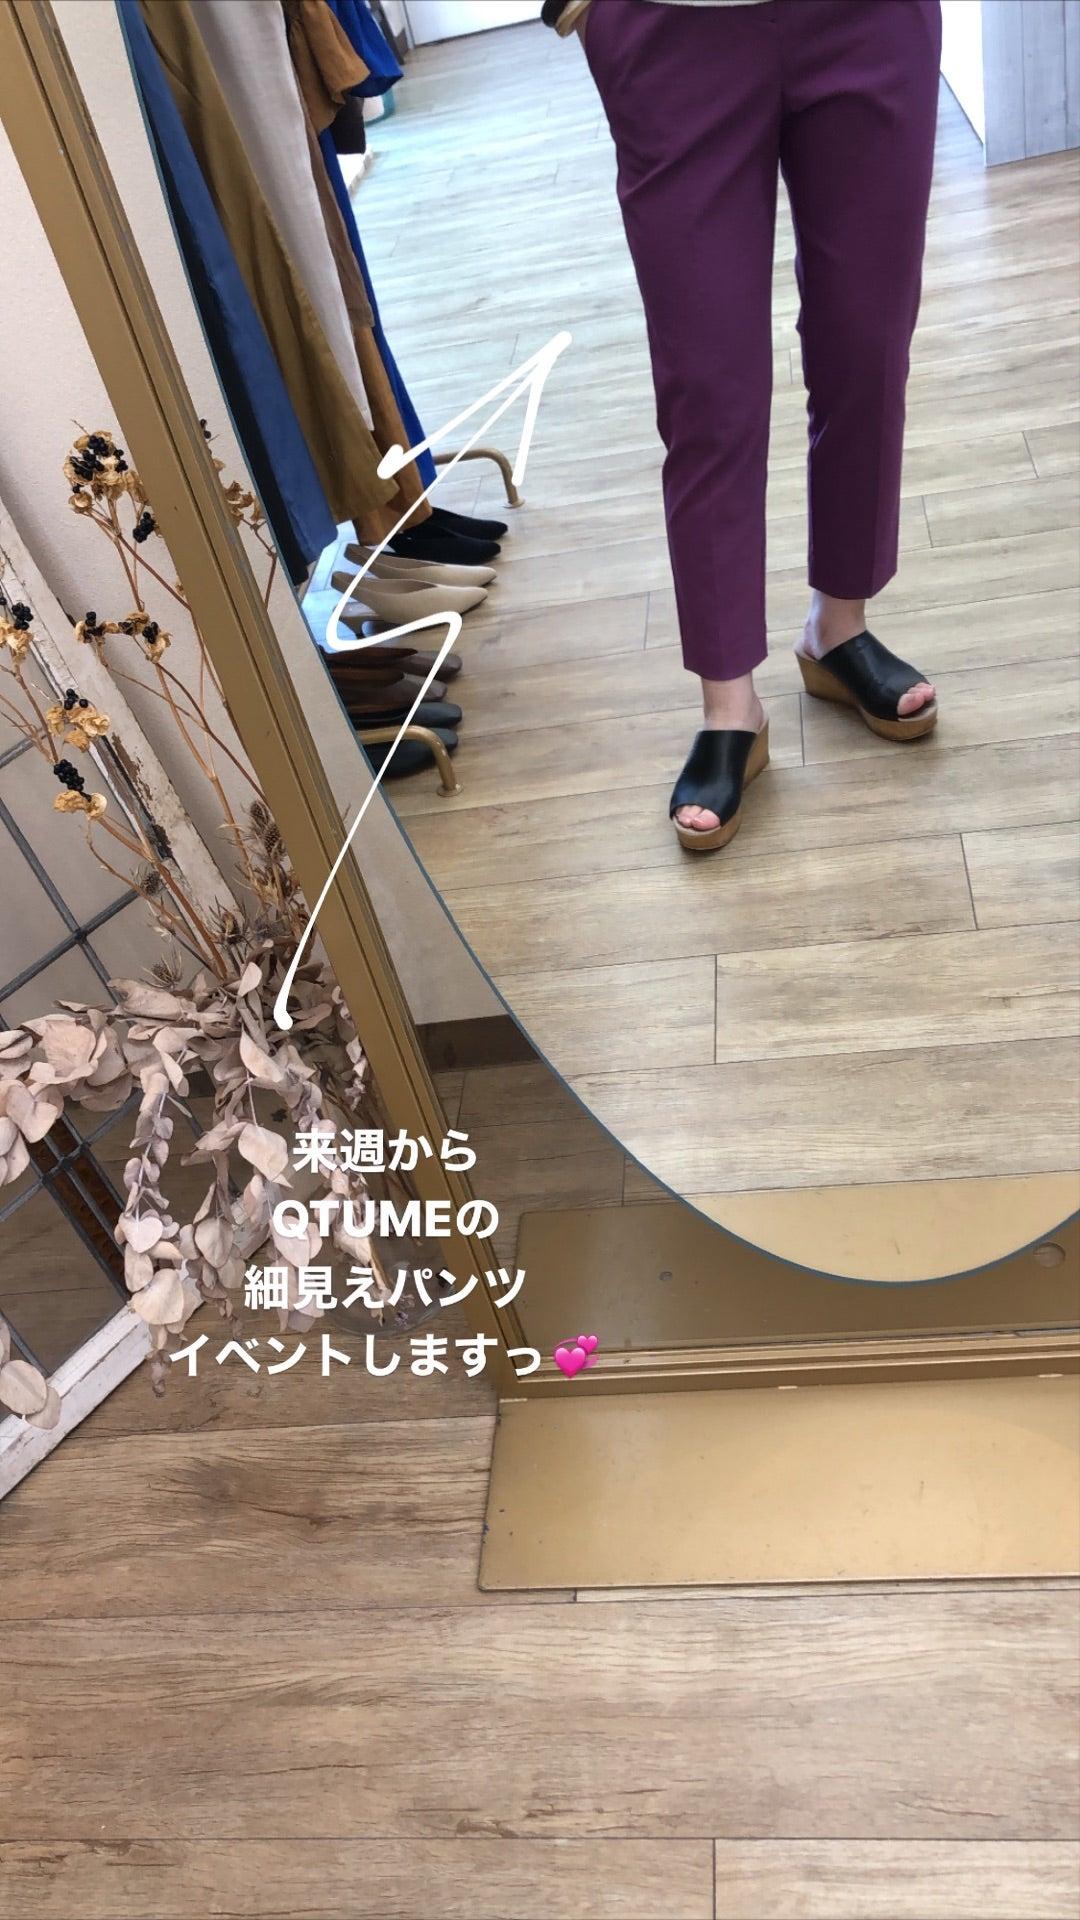 「QTUME」細見えパンツ♡イベント告知